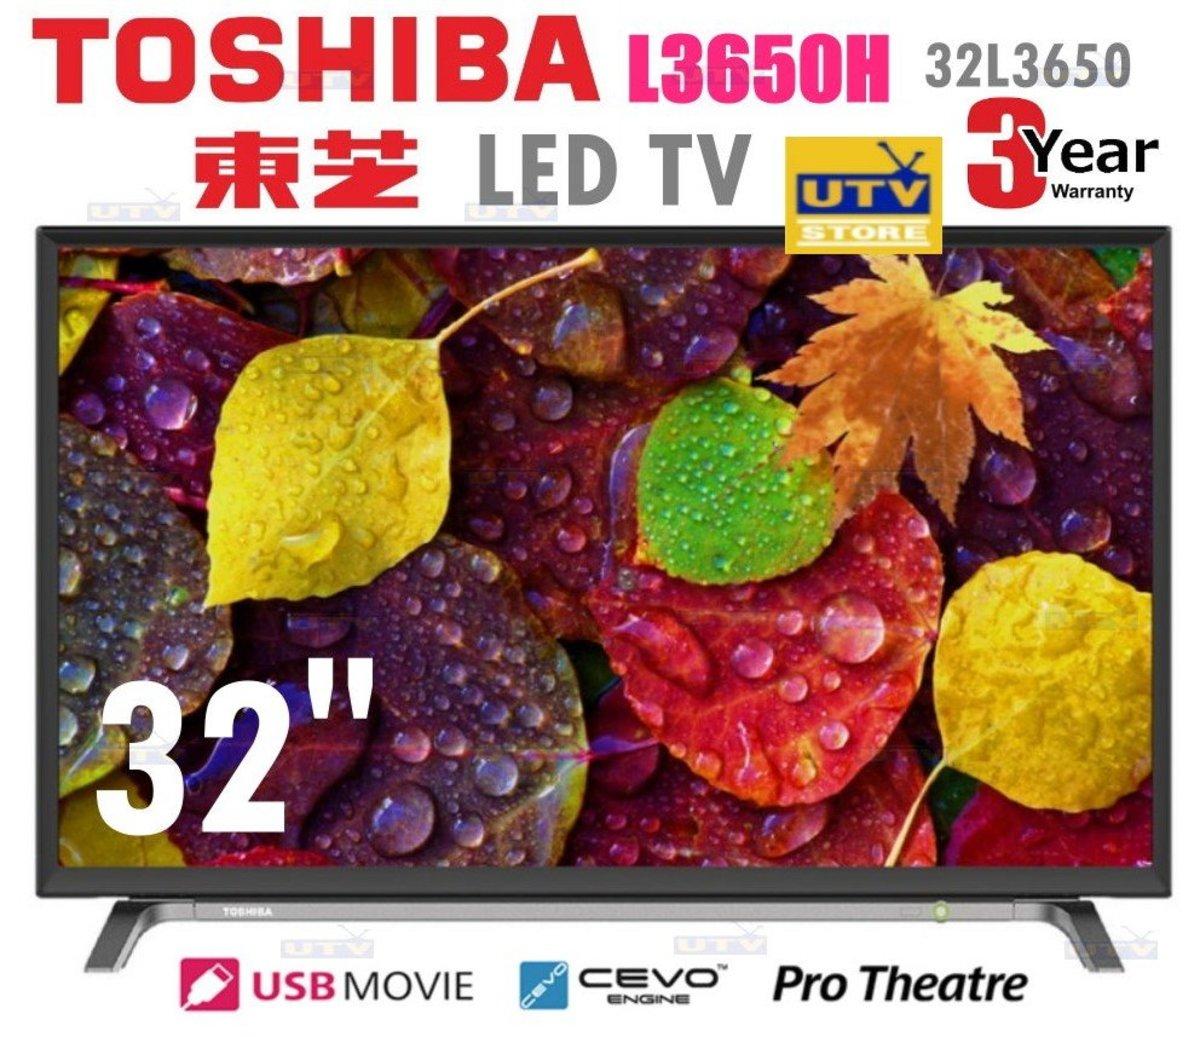 """32L3650 L3650H 32"""" LED TV"""